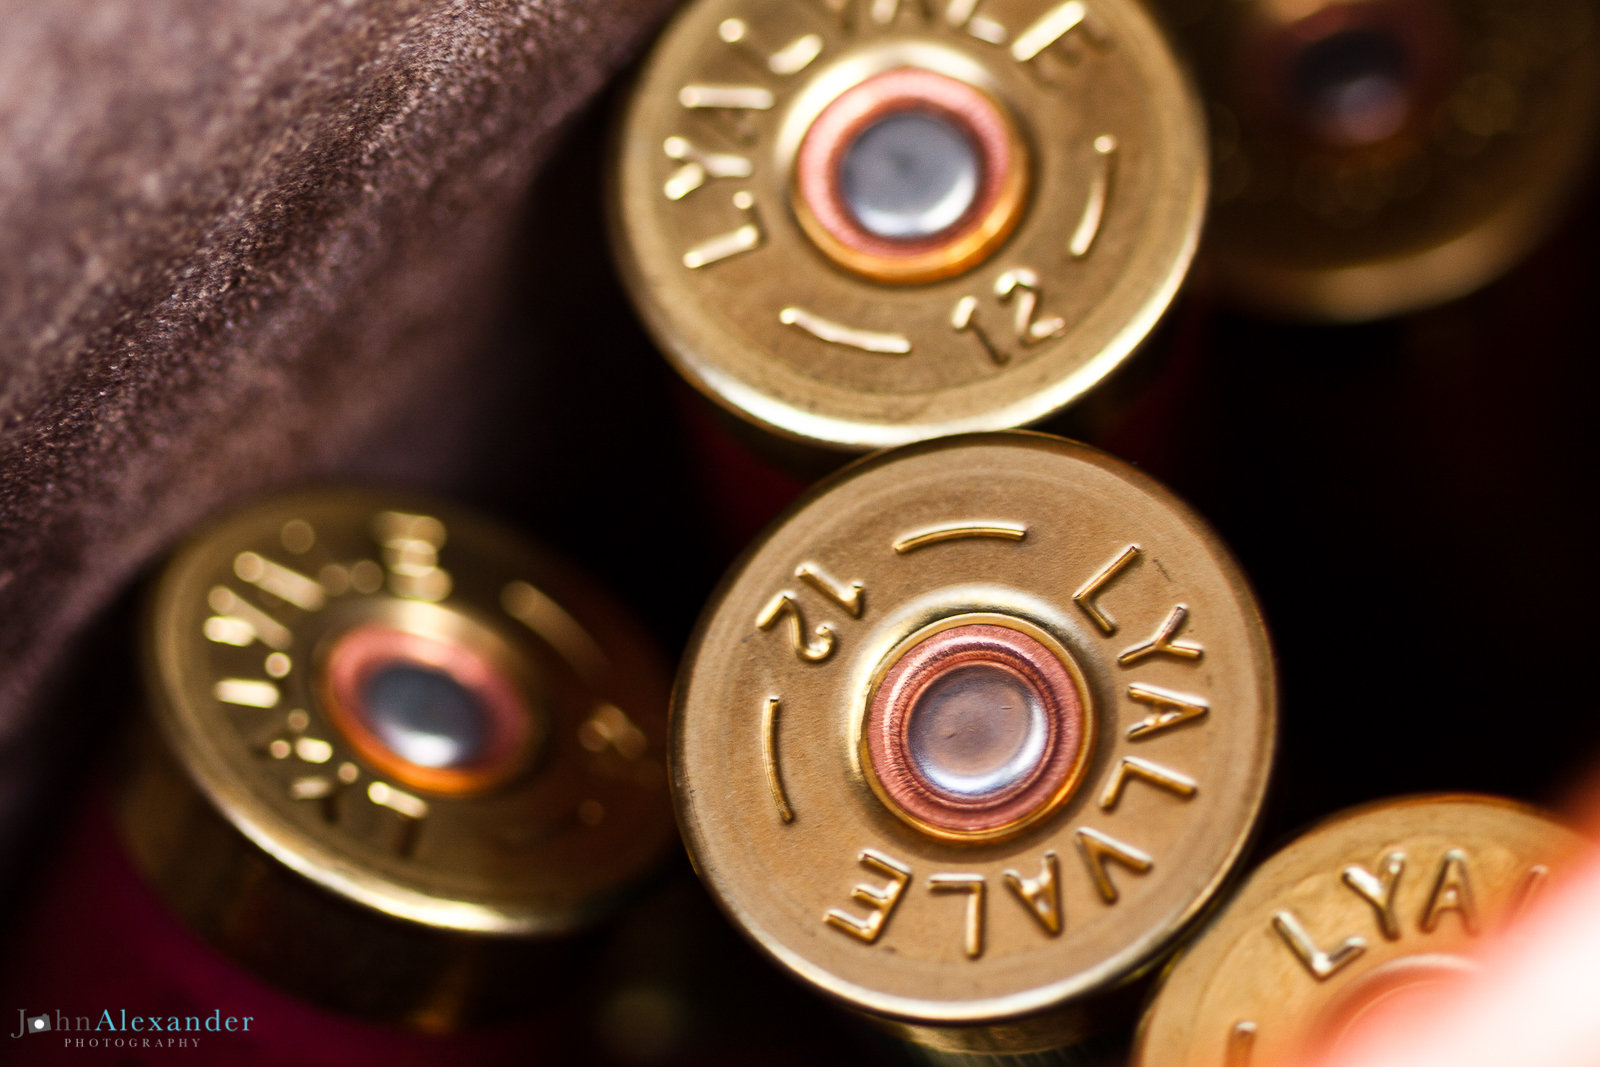 12 bore shotgun cartridges